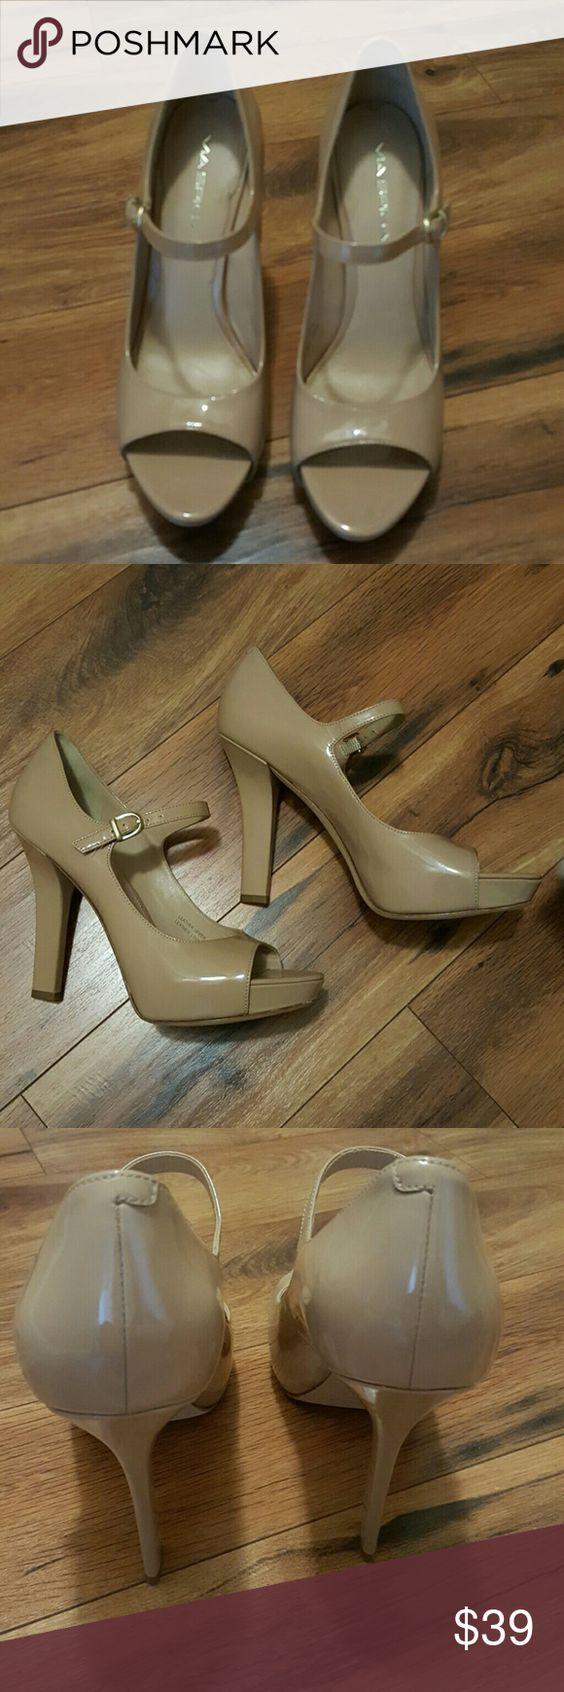 Nude Heels Size 2